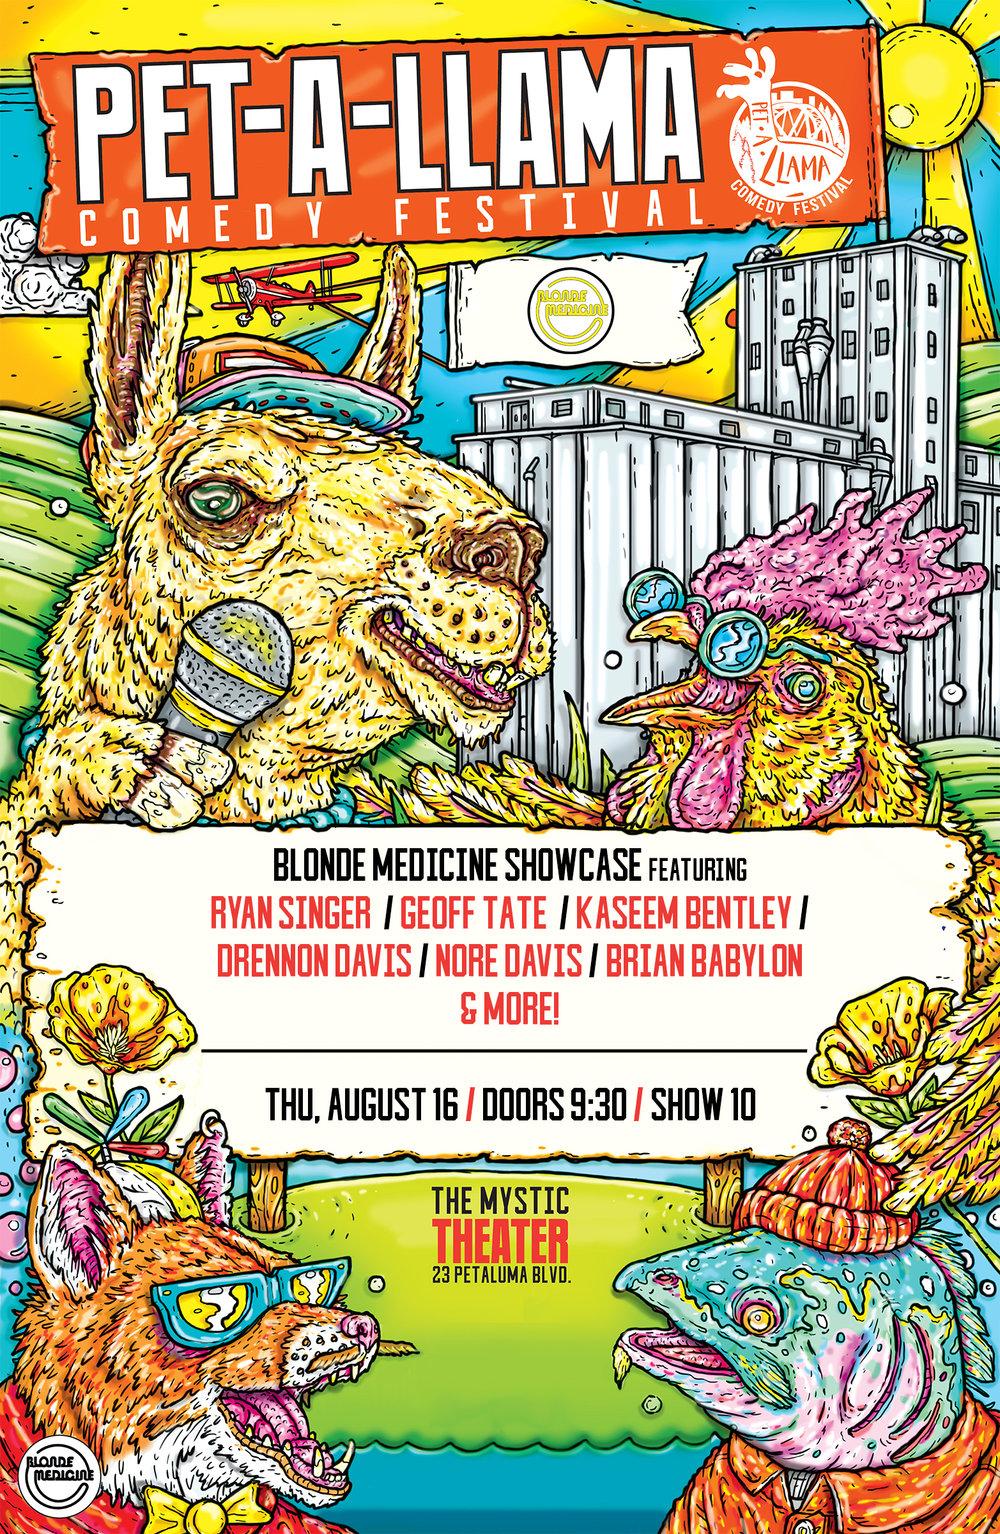 blonde medicine showcase poster.jpg